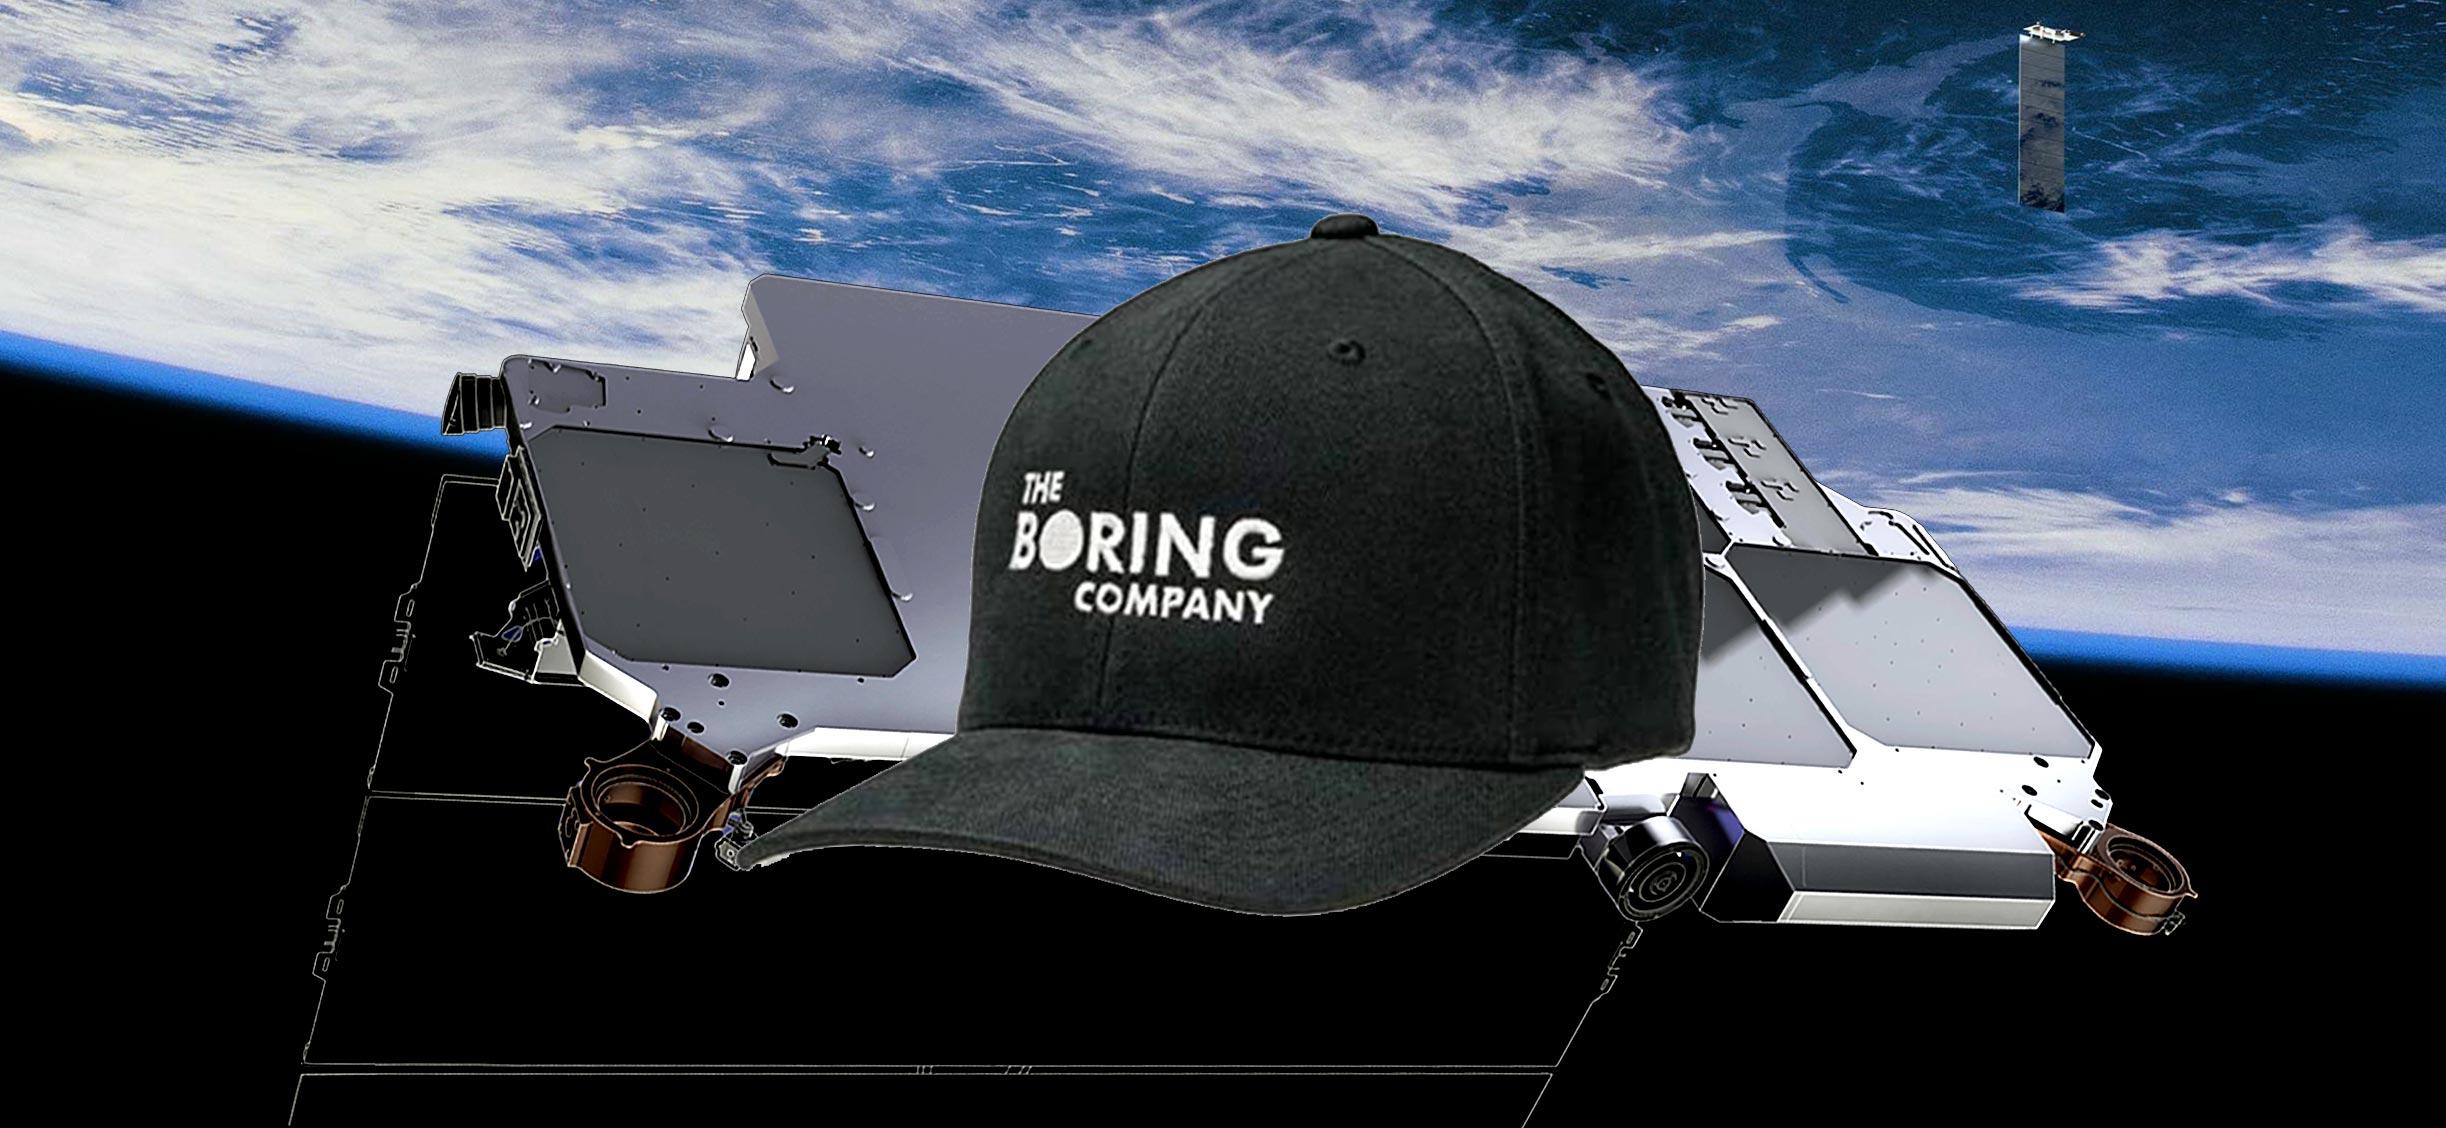 Starlink satellite bus (SpaceX – Teslarati) VisorSat 1